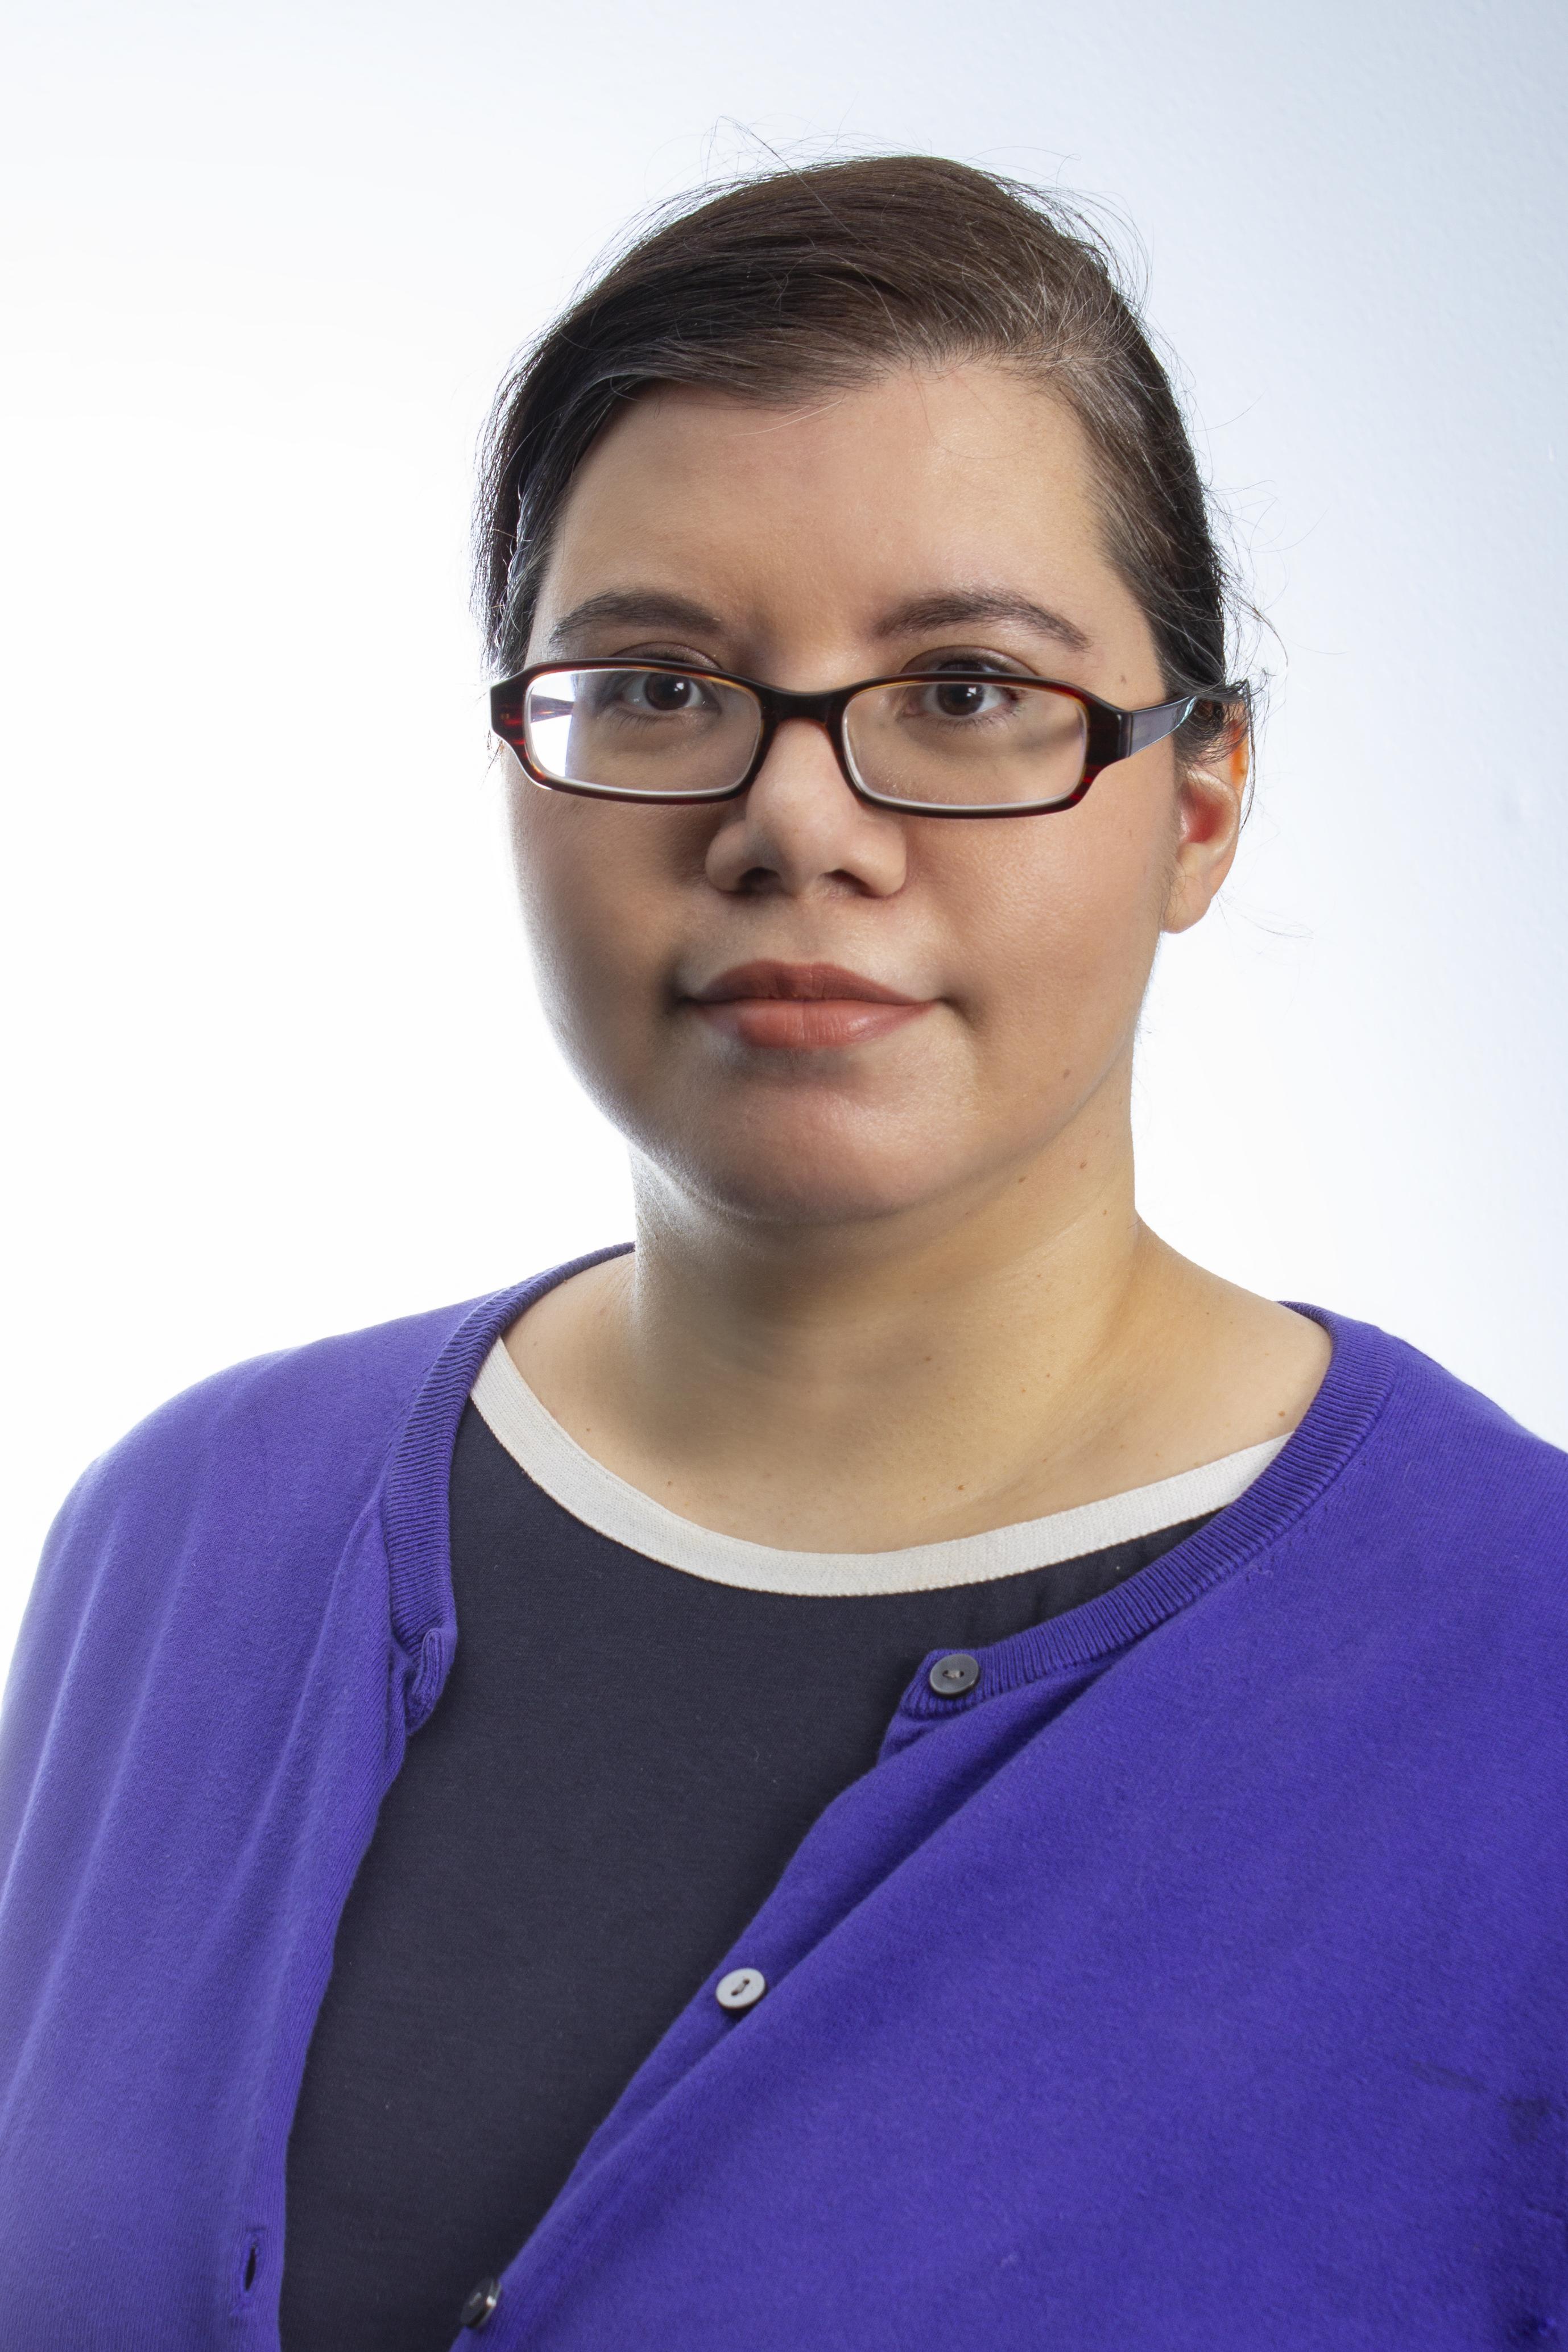 Brenda Reyes Ayala